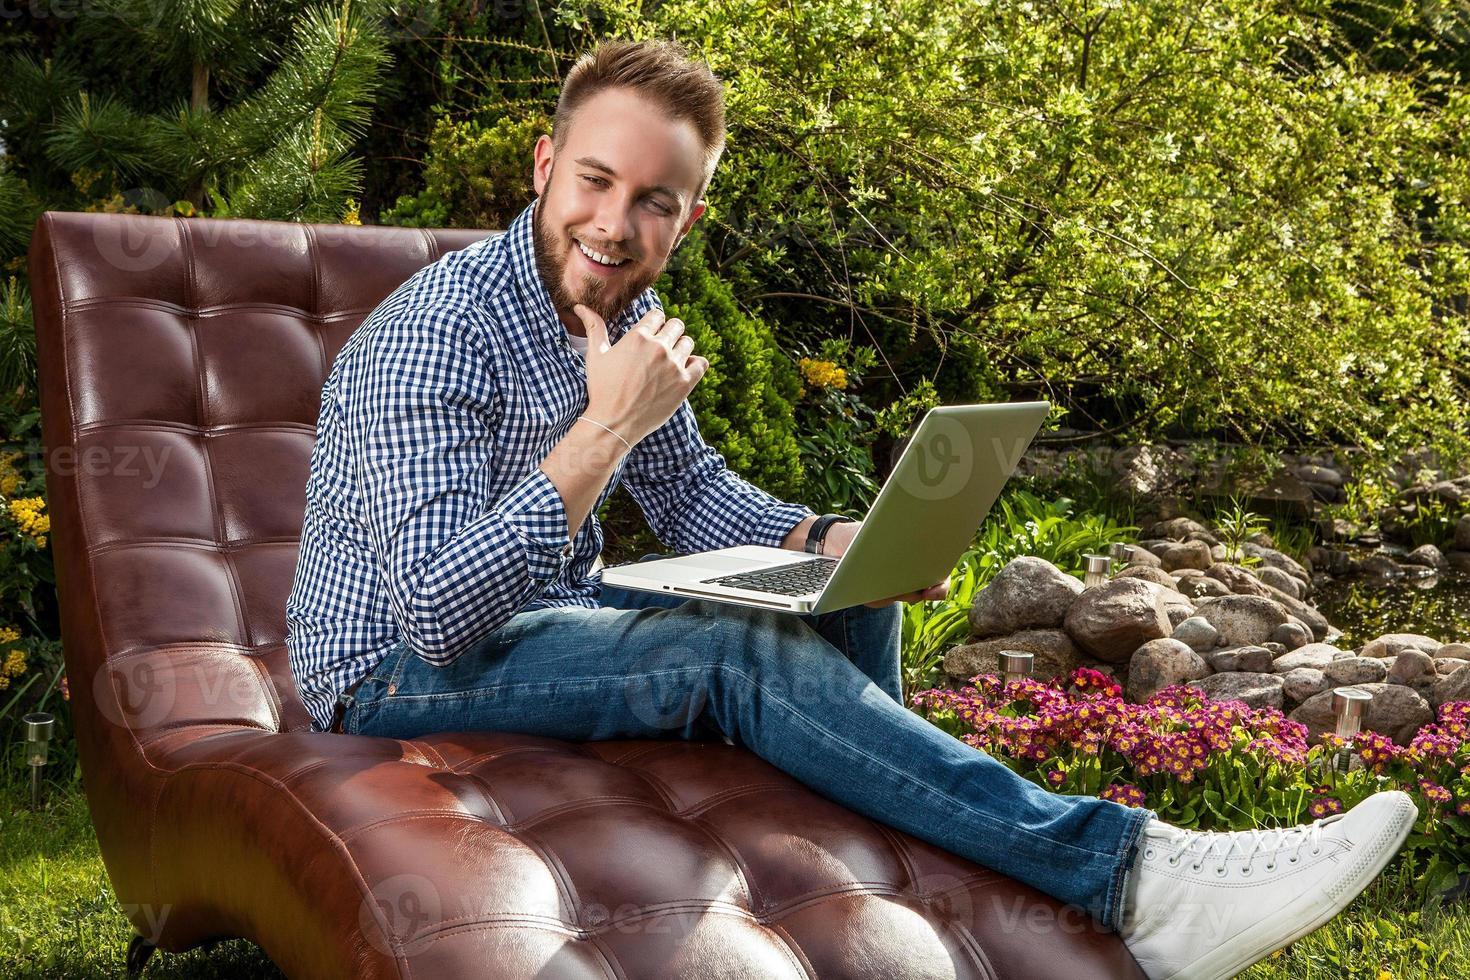 giovane uomo bello sedersi nel divano di lusso con il taccuino. foto